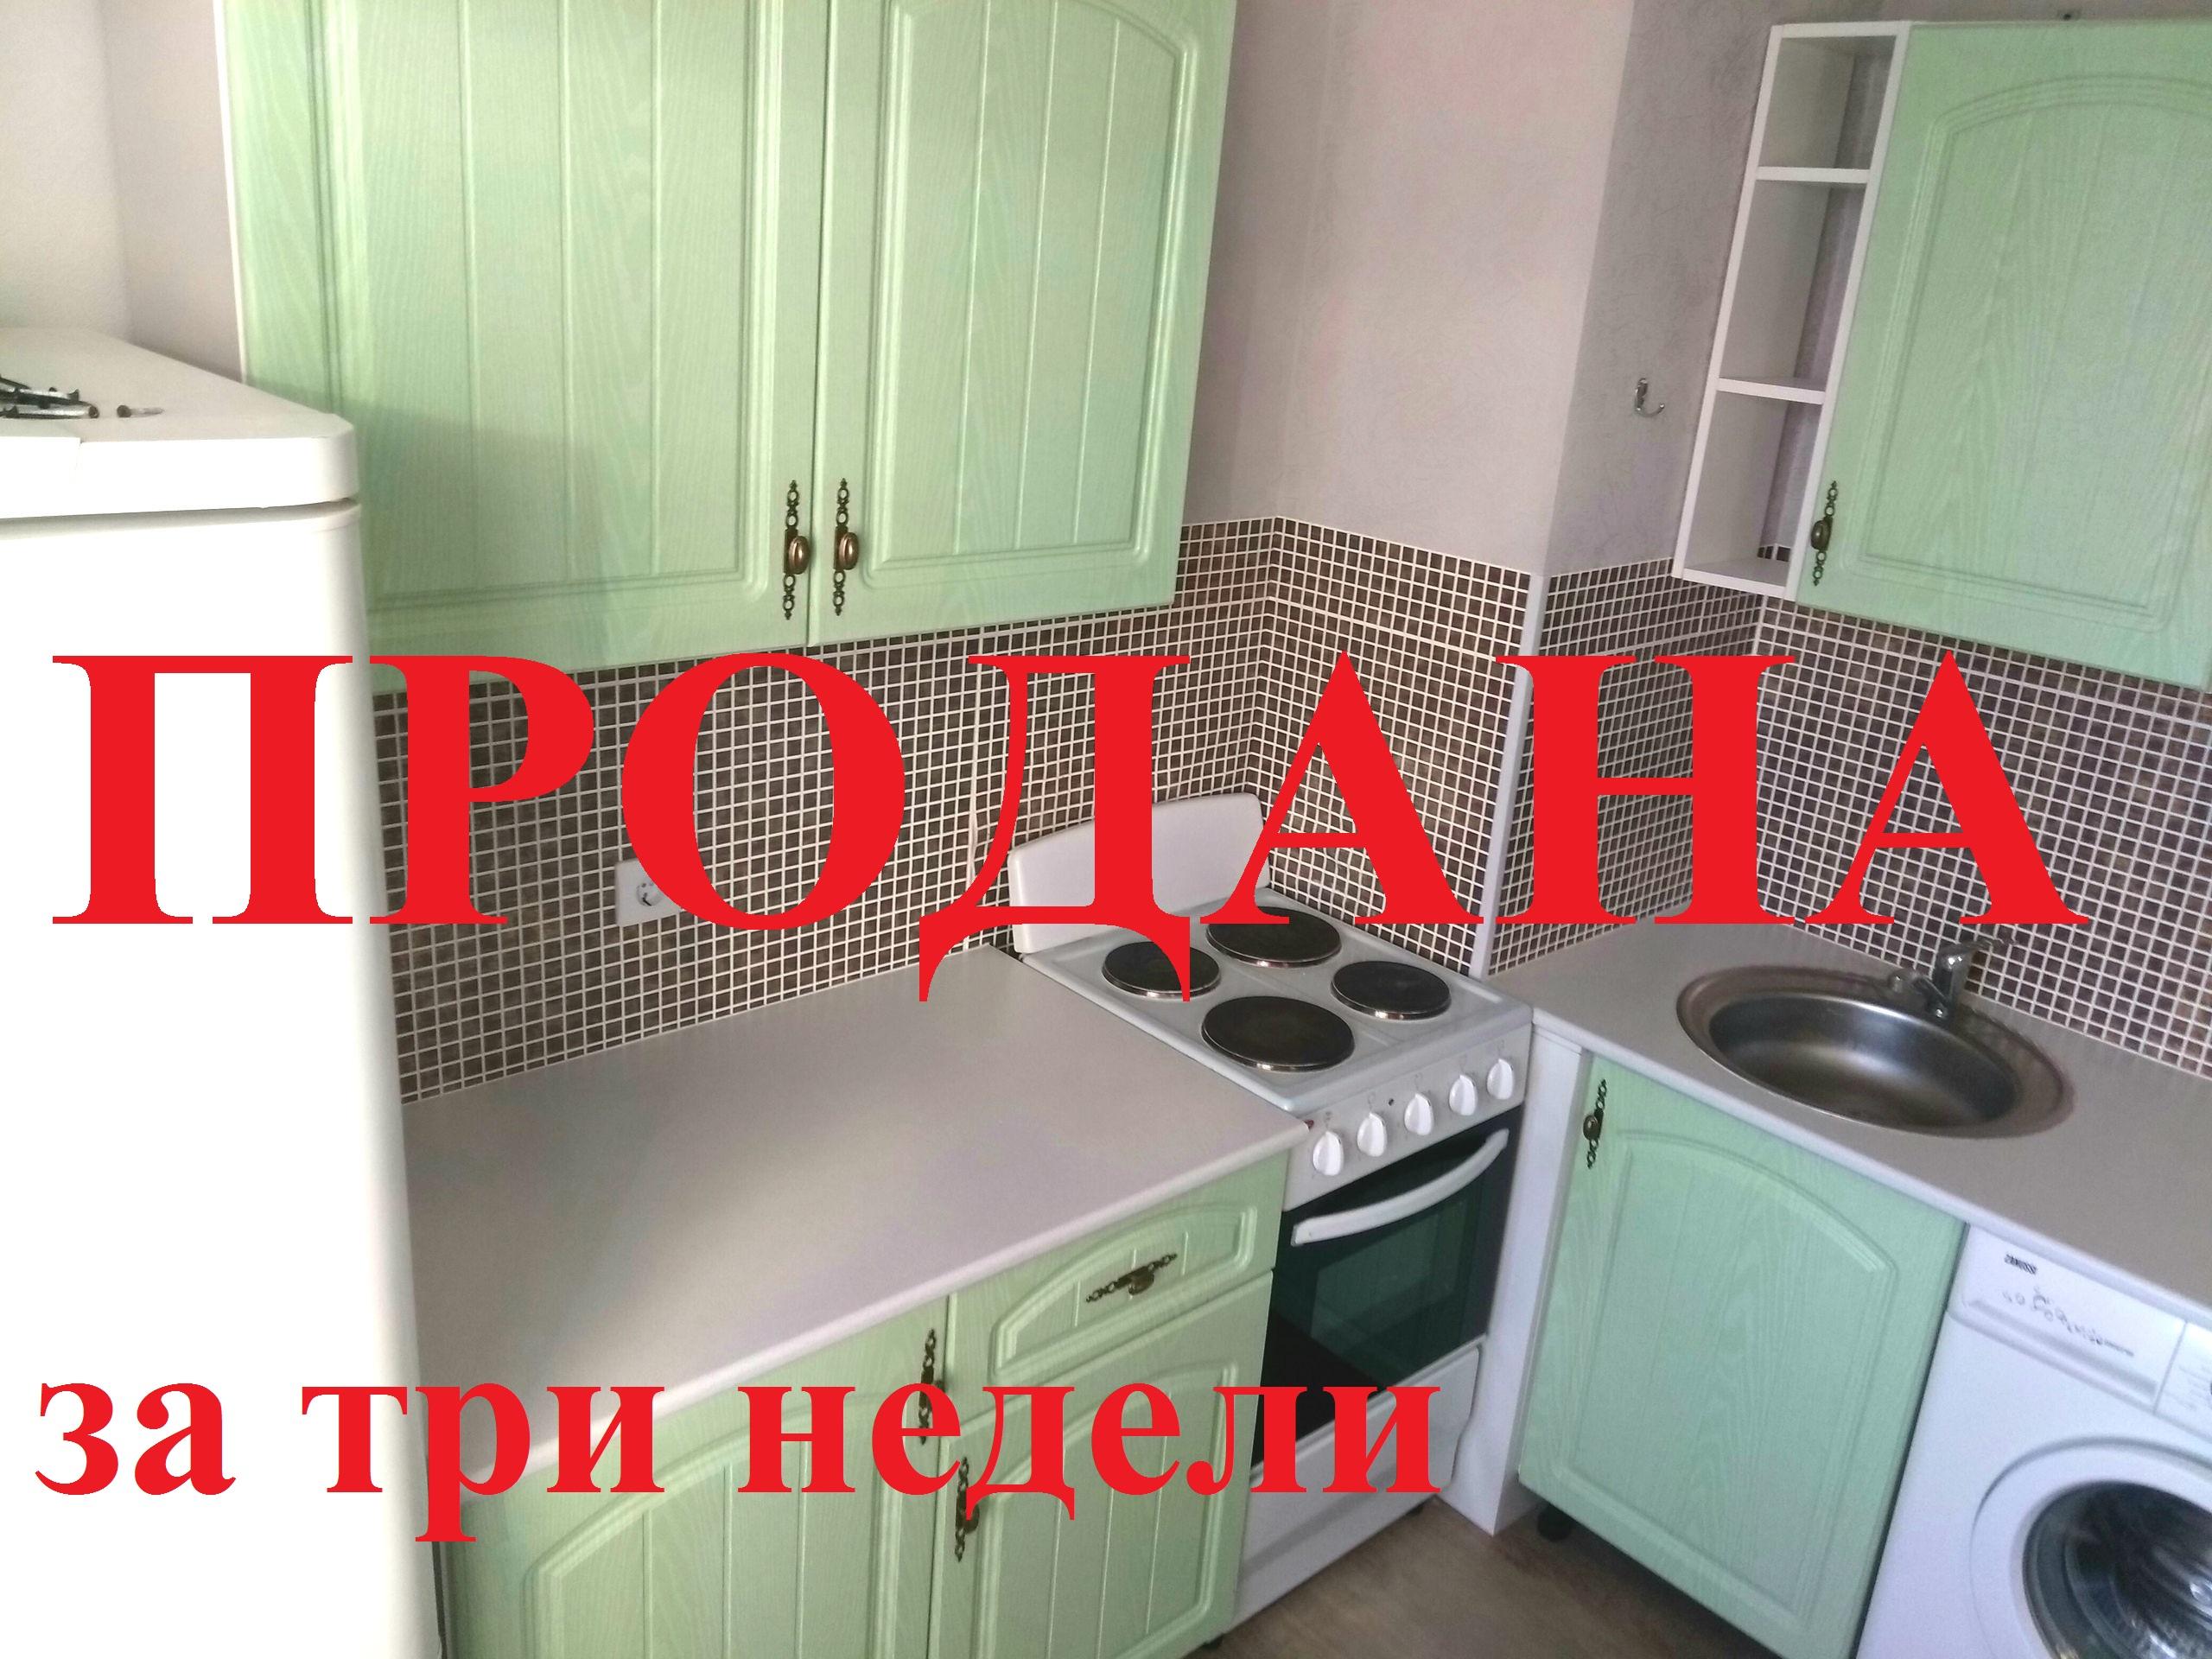 1-к квартира 35 м² в Кудрово на Европейском проспекте 14/5, ЖК